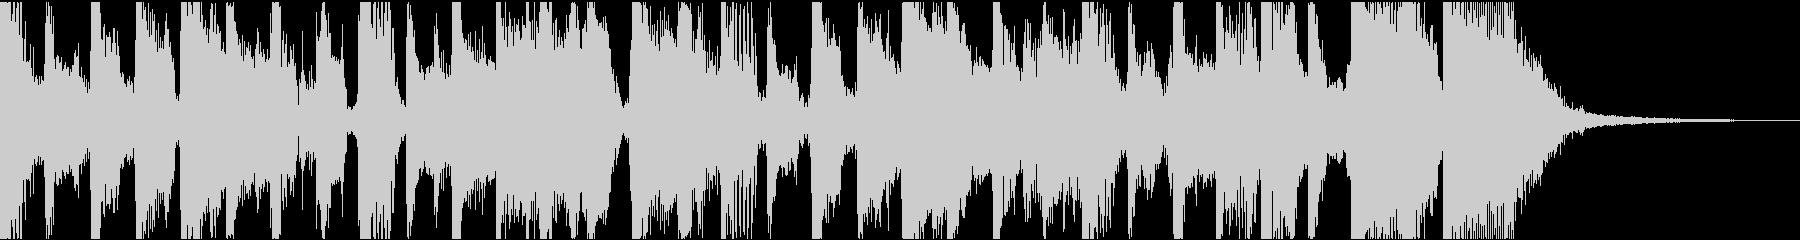 のんき、軽快ファンク系ジングル(11秒)の未再生の波形